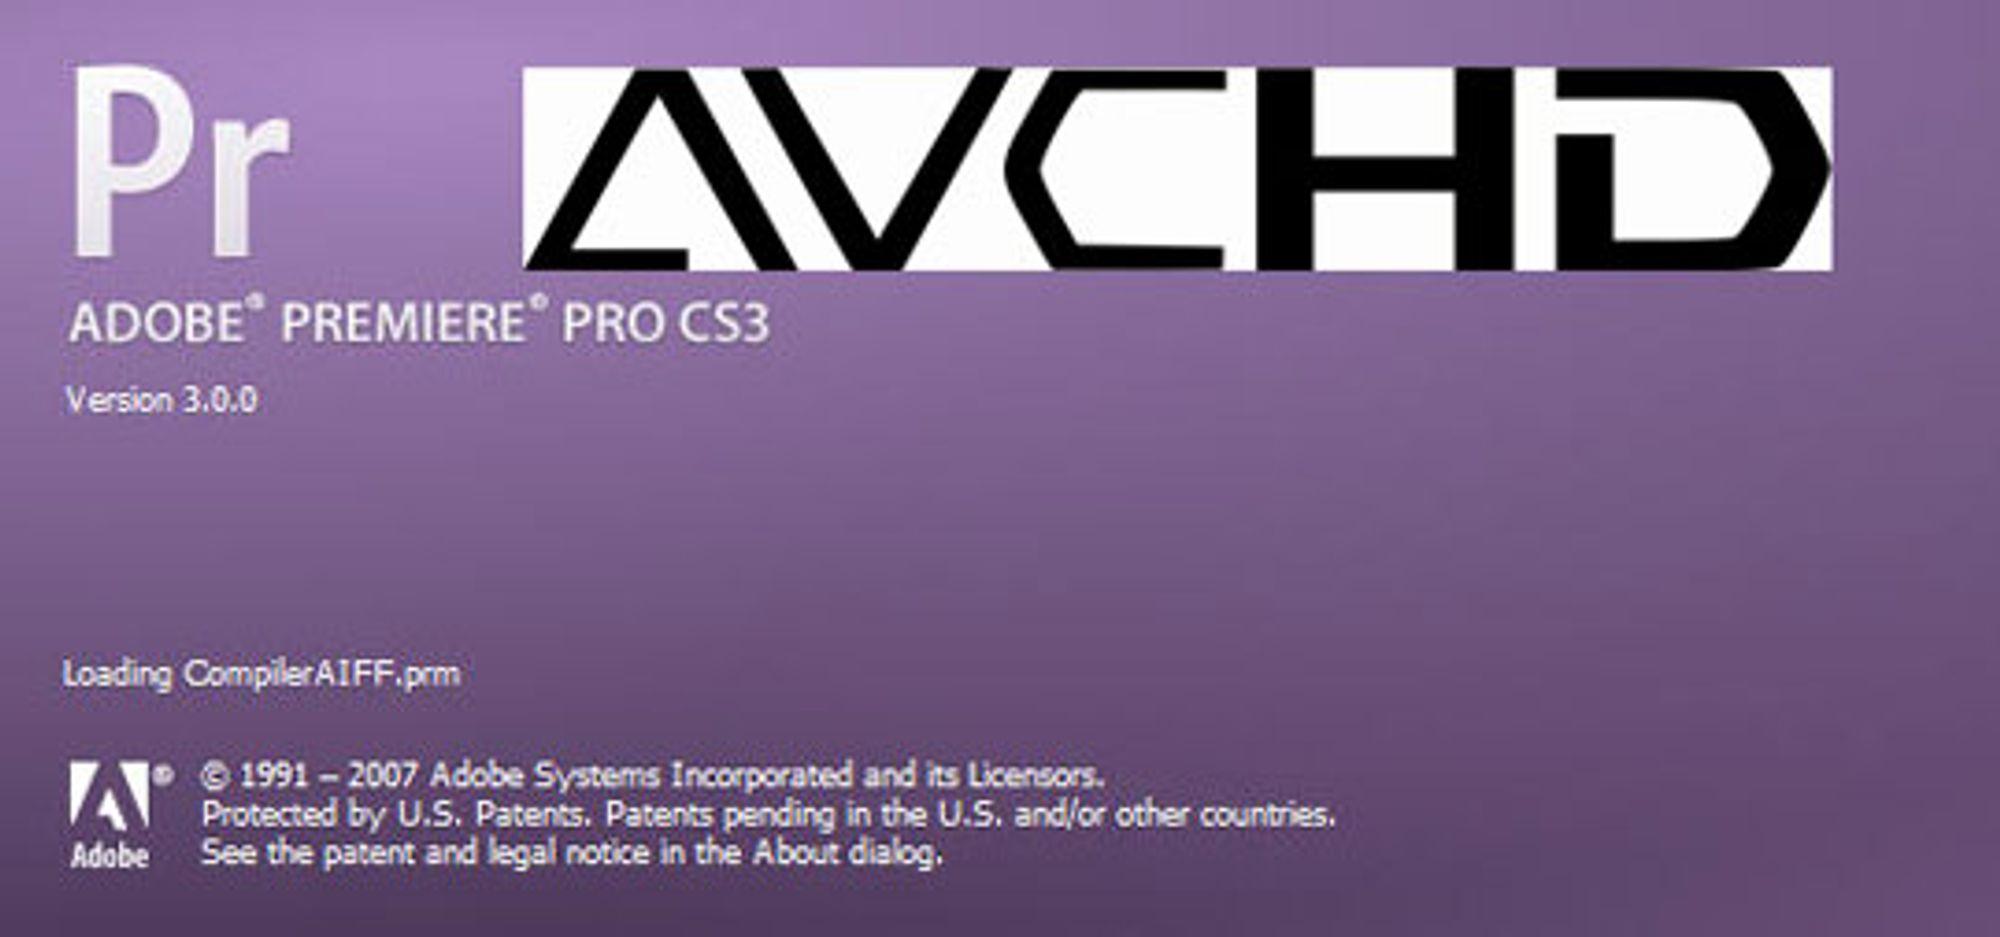 Premiere Pro CS3 nå med støtte for AVCHD.